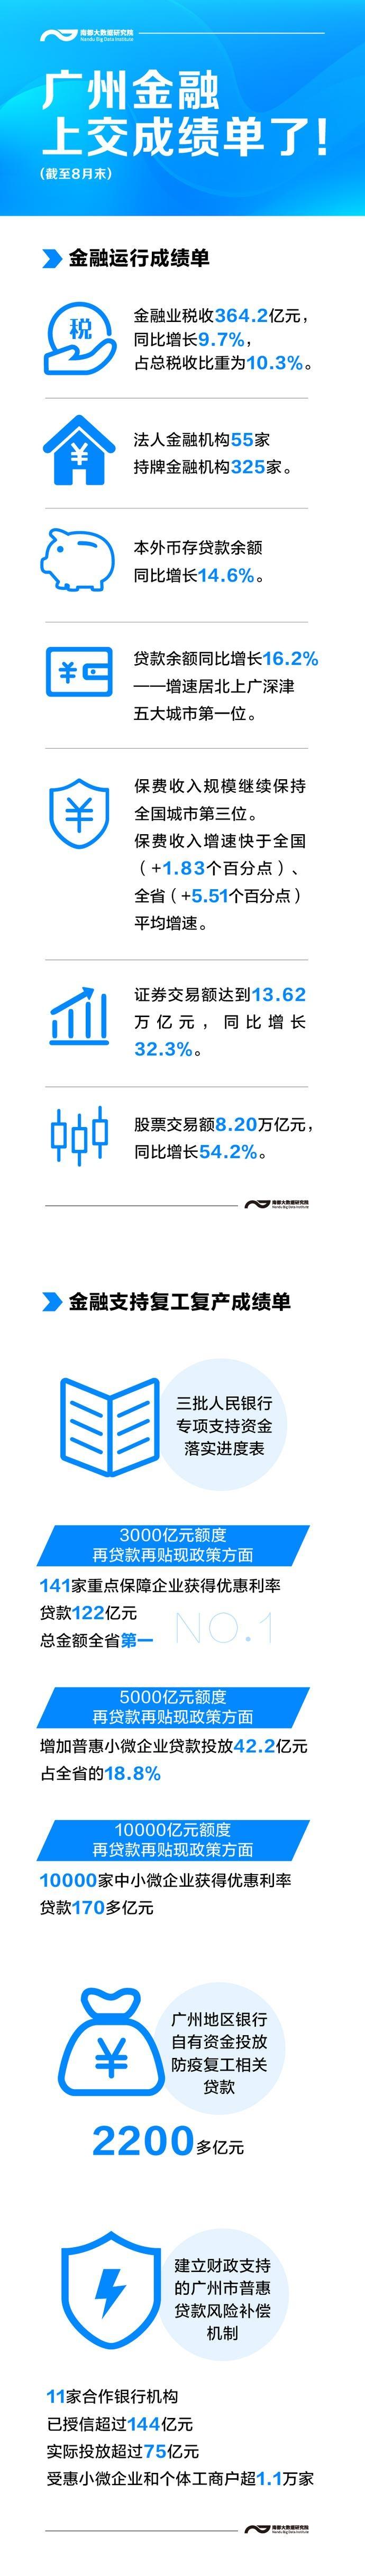 赞!广州晒出金融成绩单,加速共建大湾区国际金融枢纽